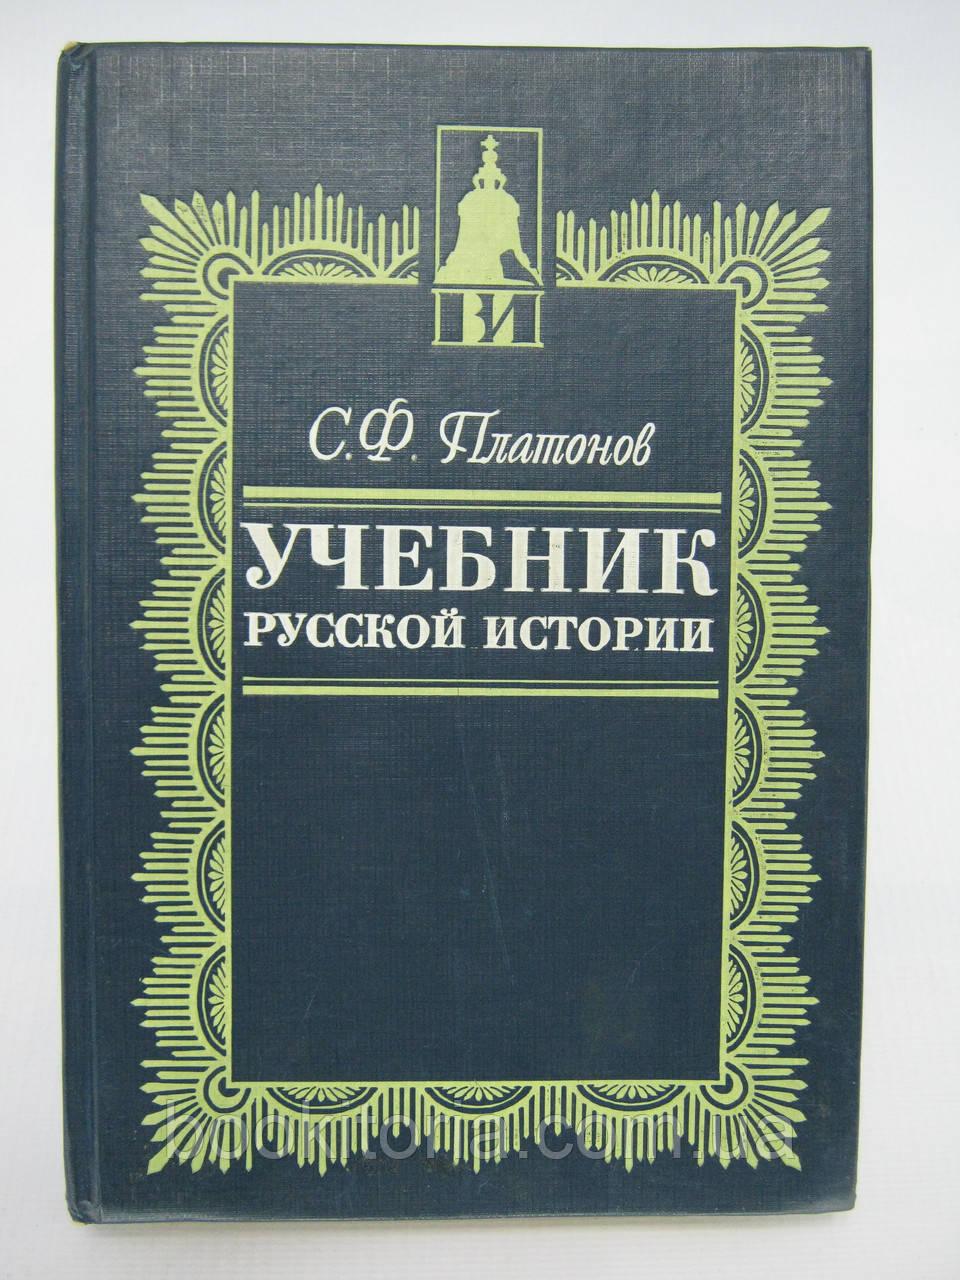 Платонов с ф учебник русской истории.